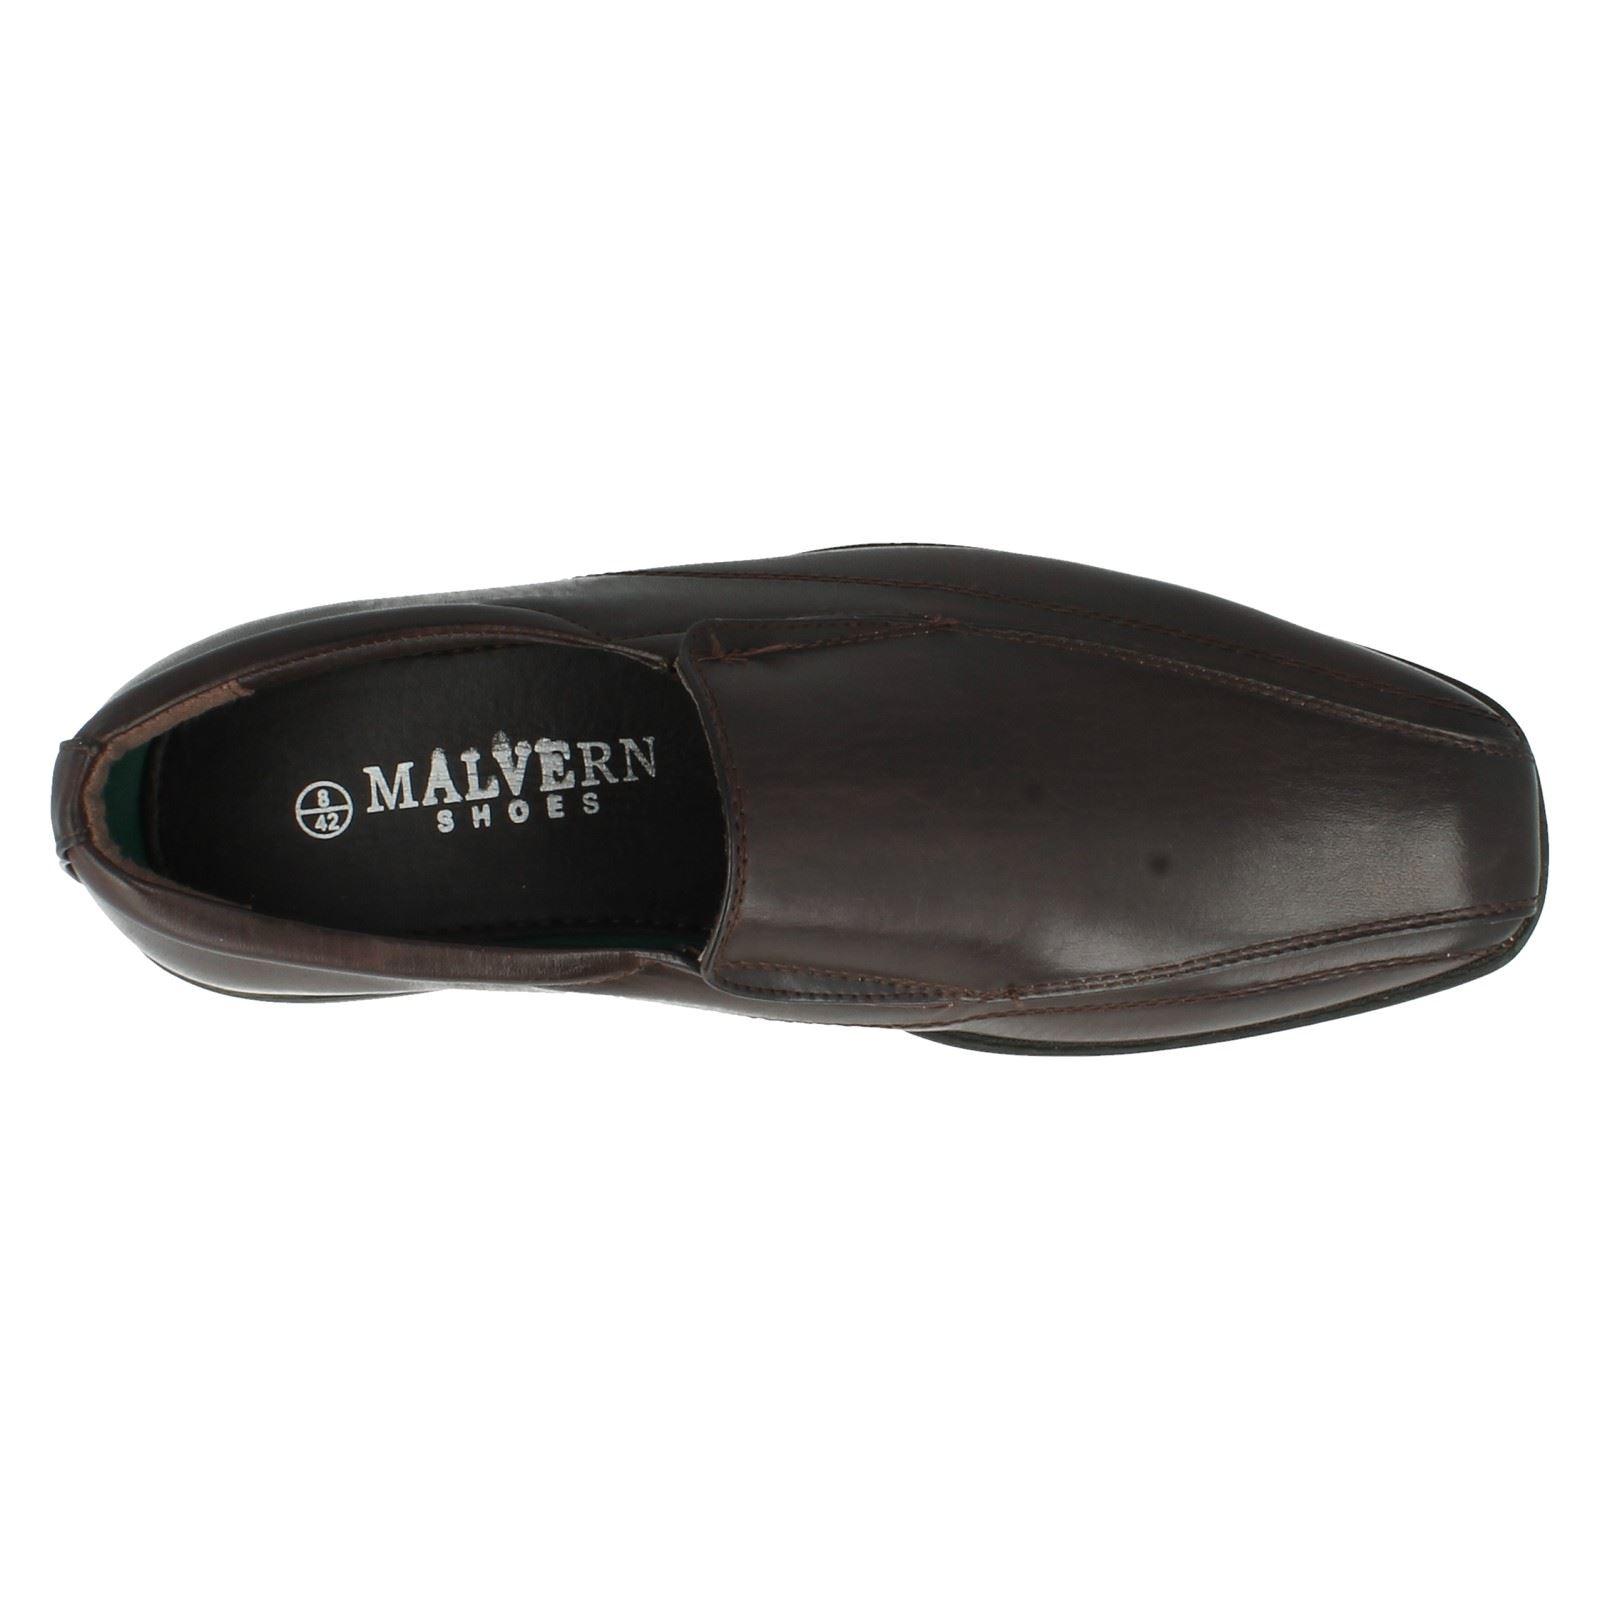 Zapatos para hombre Malvern el estilo-A1089